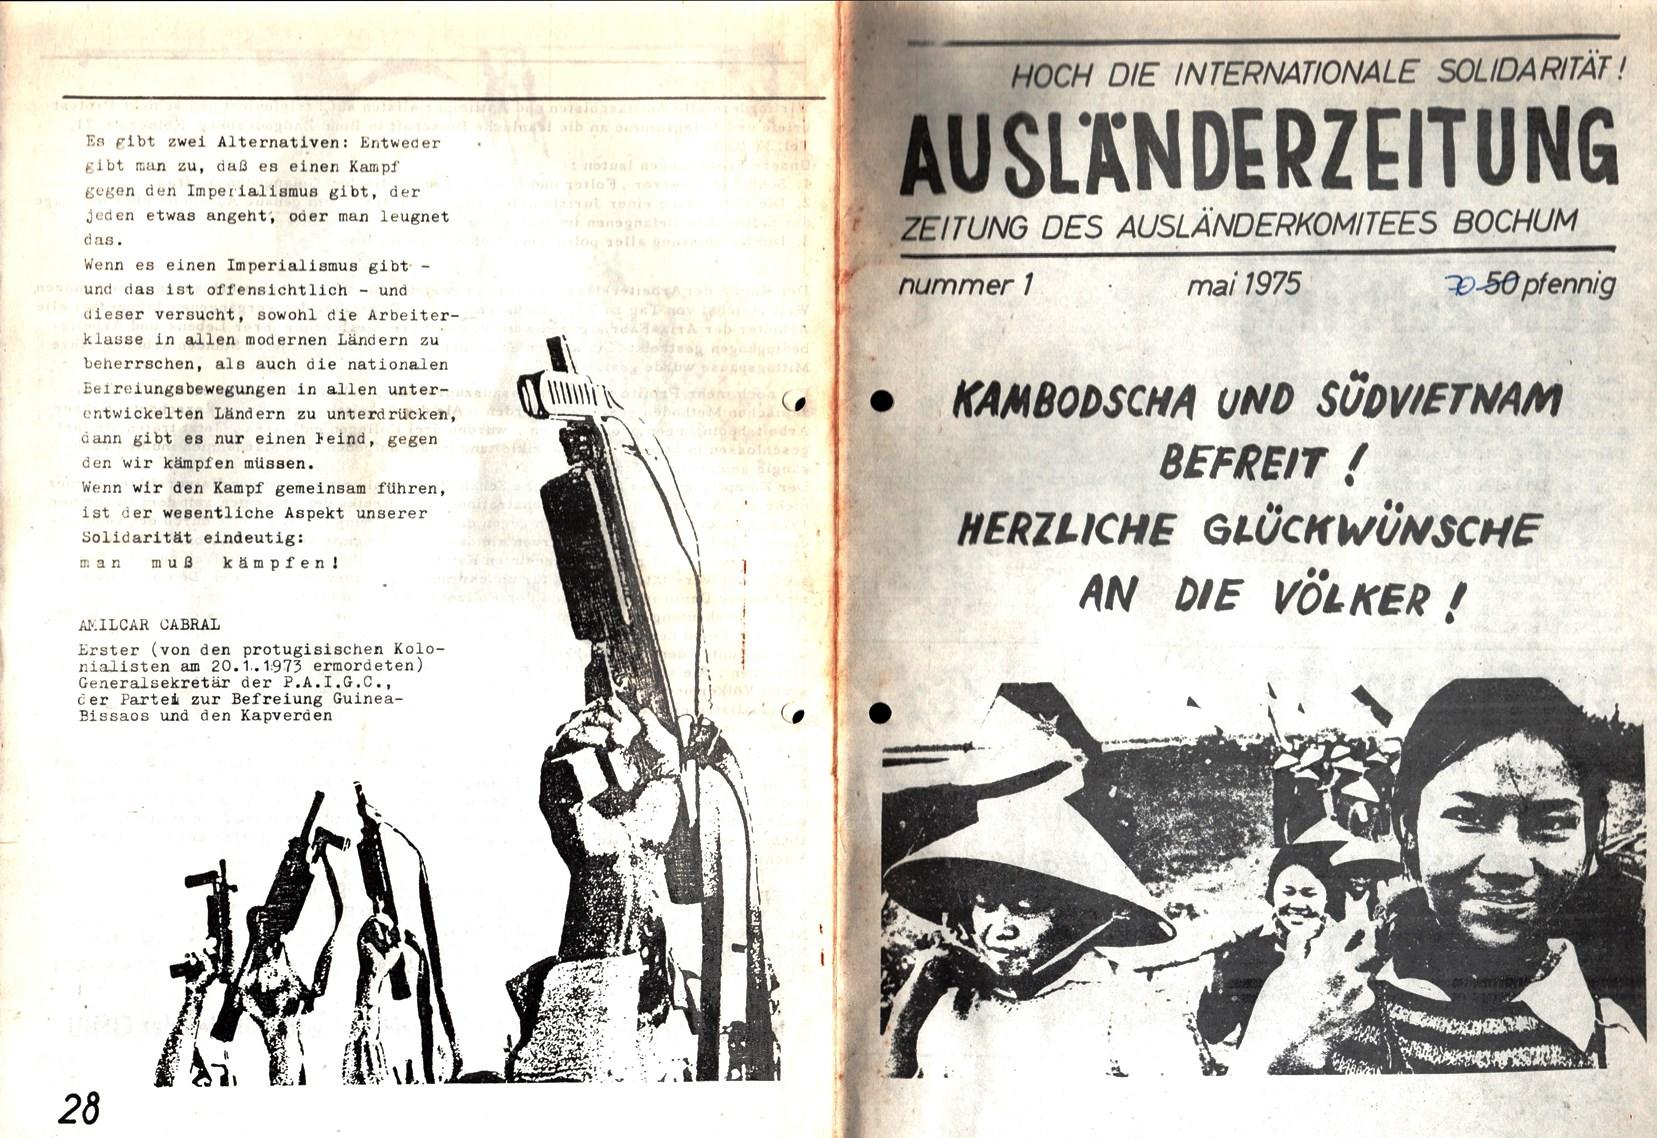 Bochum_RUB_Auslaenderzeitung_19750500_001